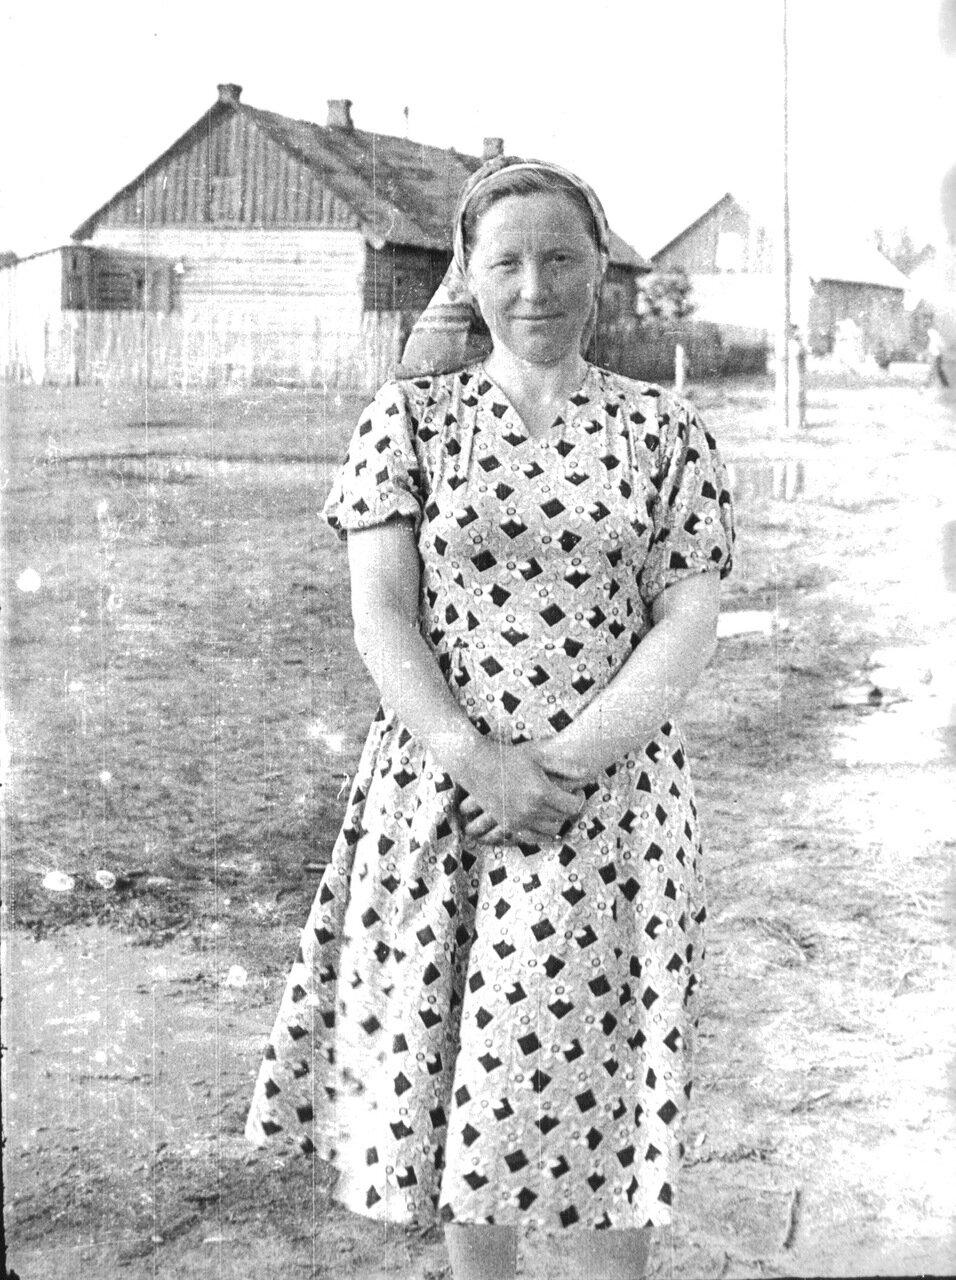 Бараки в селе Костино. 60-е годы прошлого века.